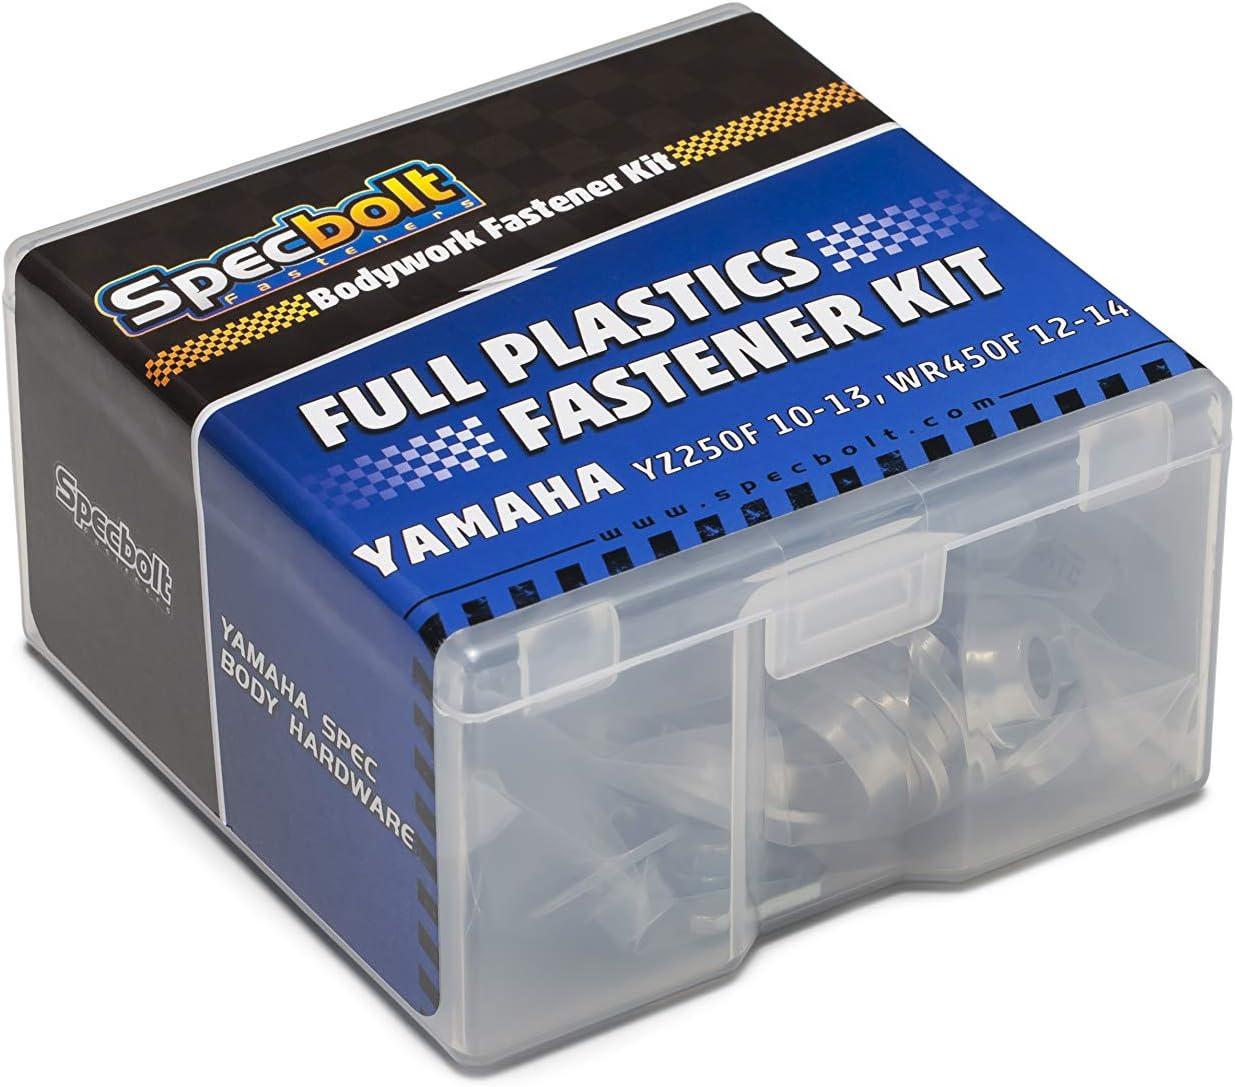 YZ250F Full Plastics Fastener Kit: Yamaha 2010-2013 2012-2014 /& WR450 #1014